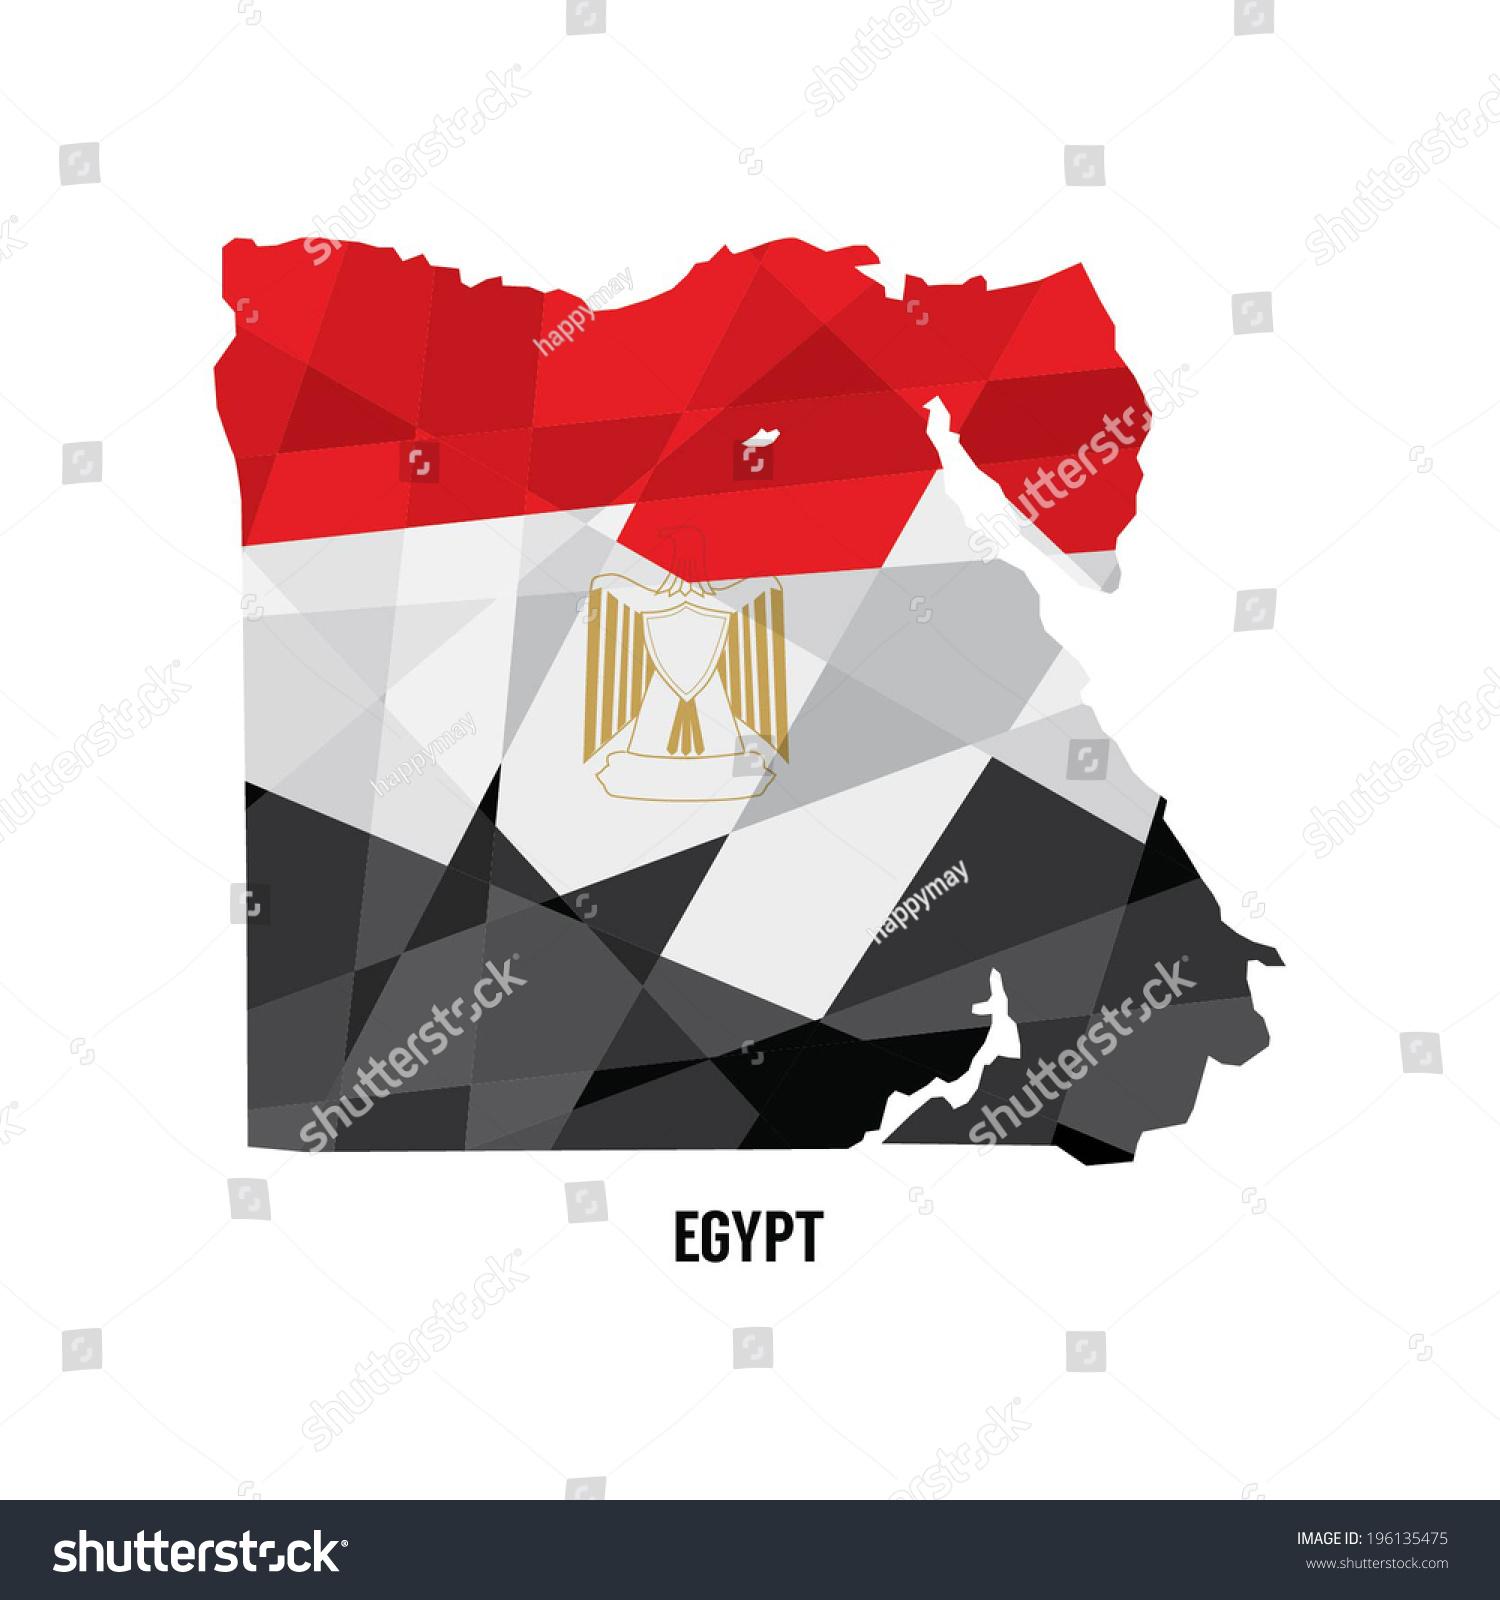 Map Egypt Vector Illustration Stock Vector Shutterstock - Map of egypt vector free